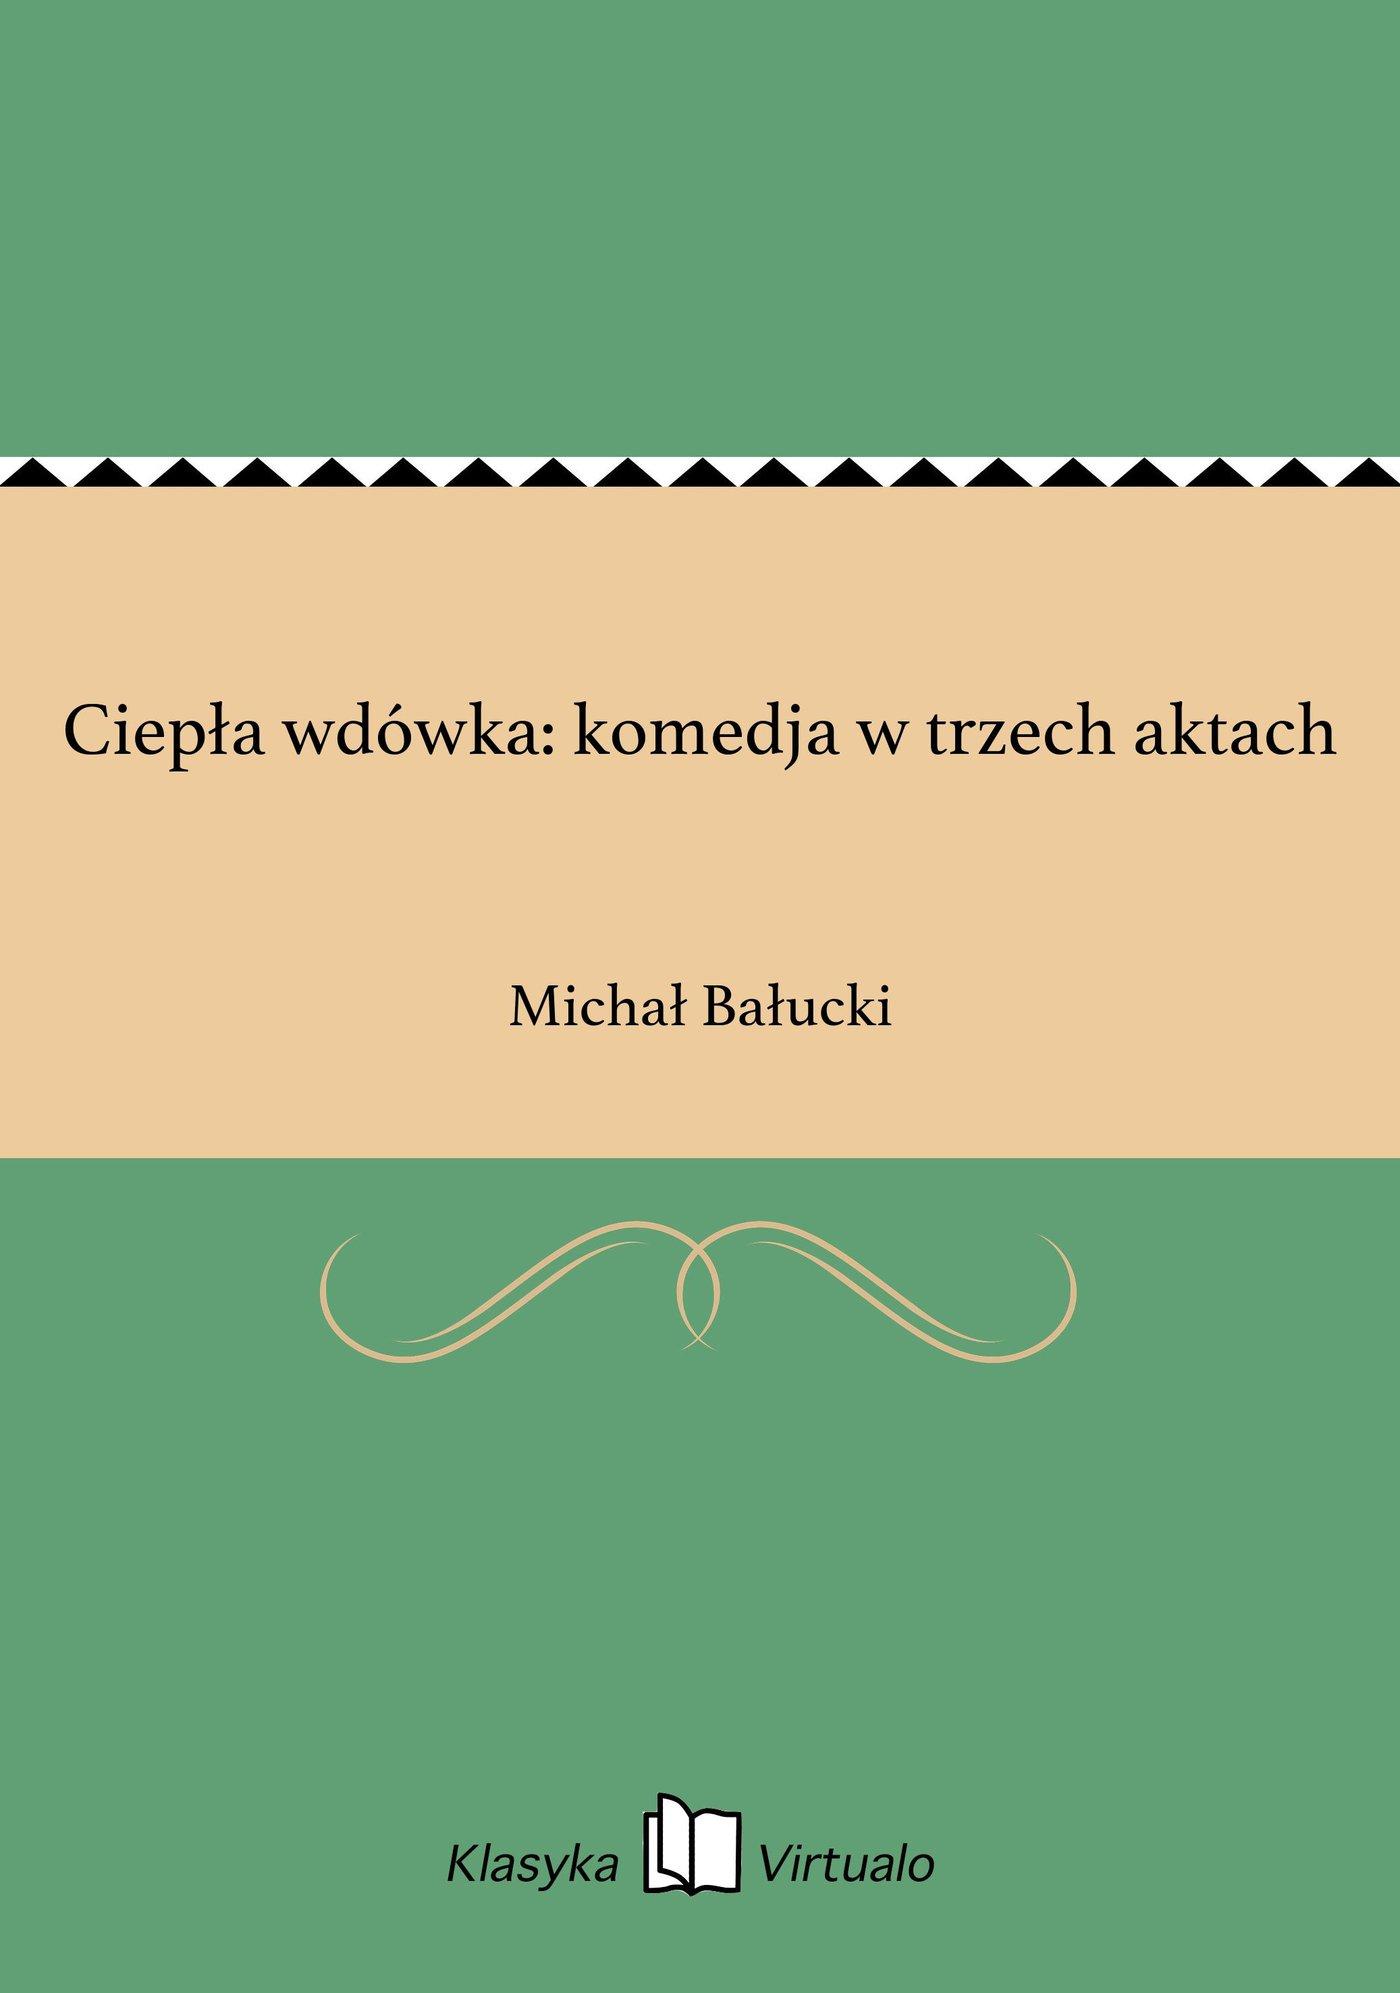 Ciepła wdówka: komedja w trzech aktach - Ebook (Książka na Kindle) do pobrania w formacie MOBI